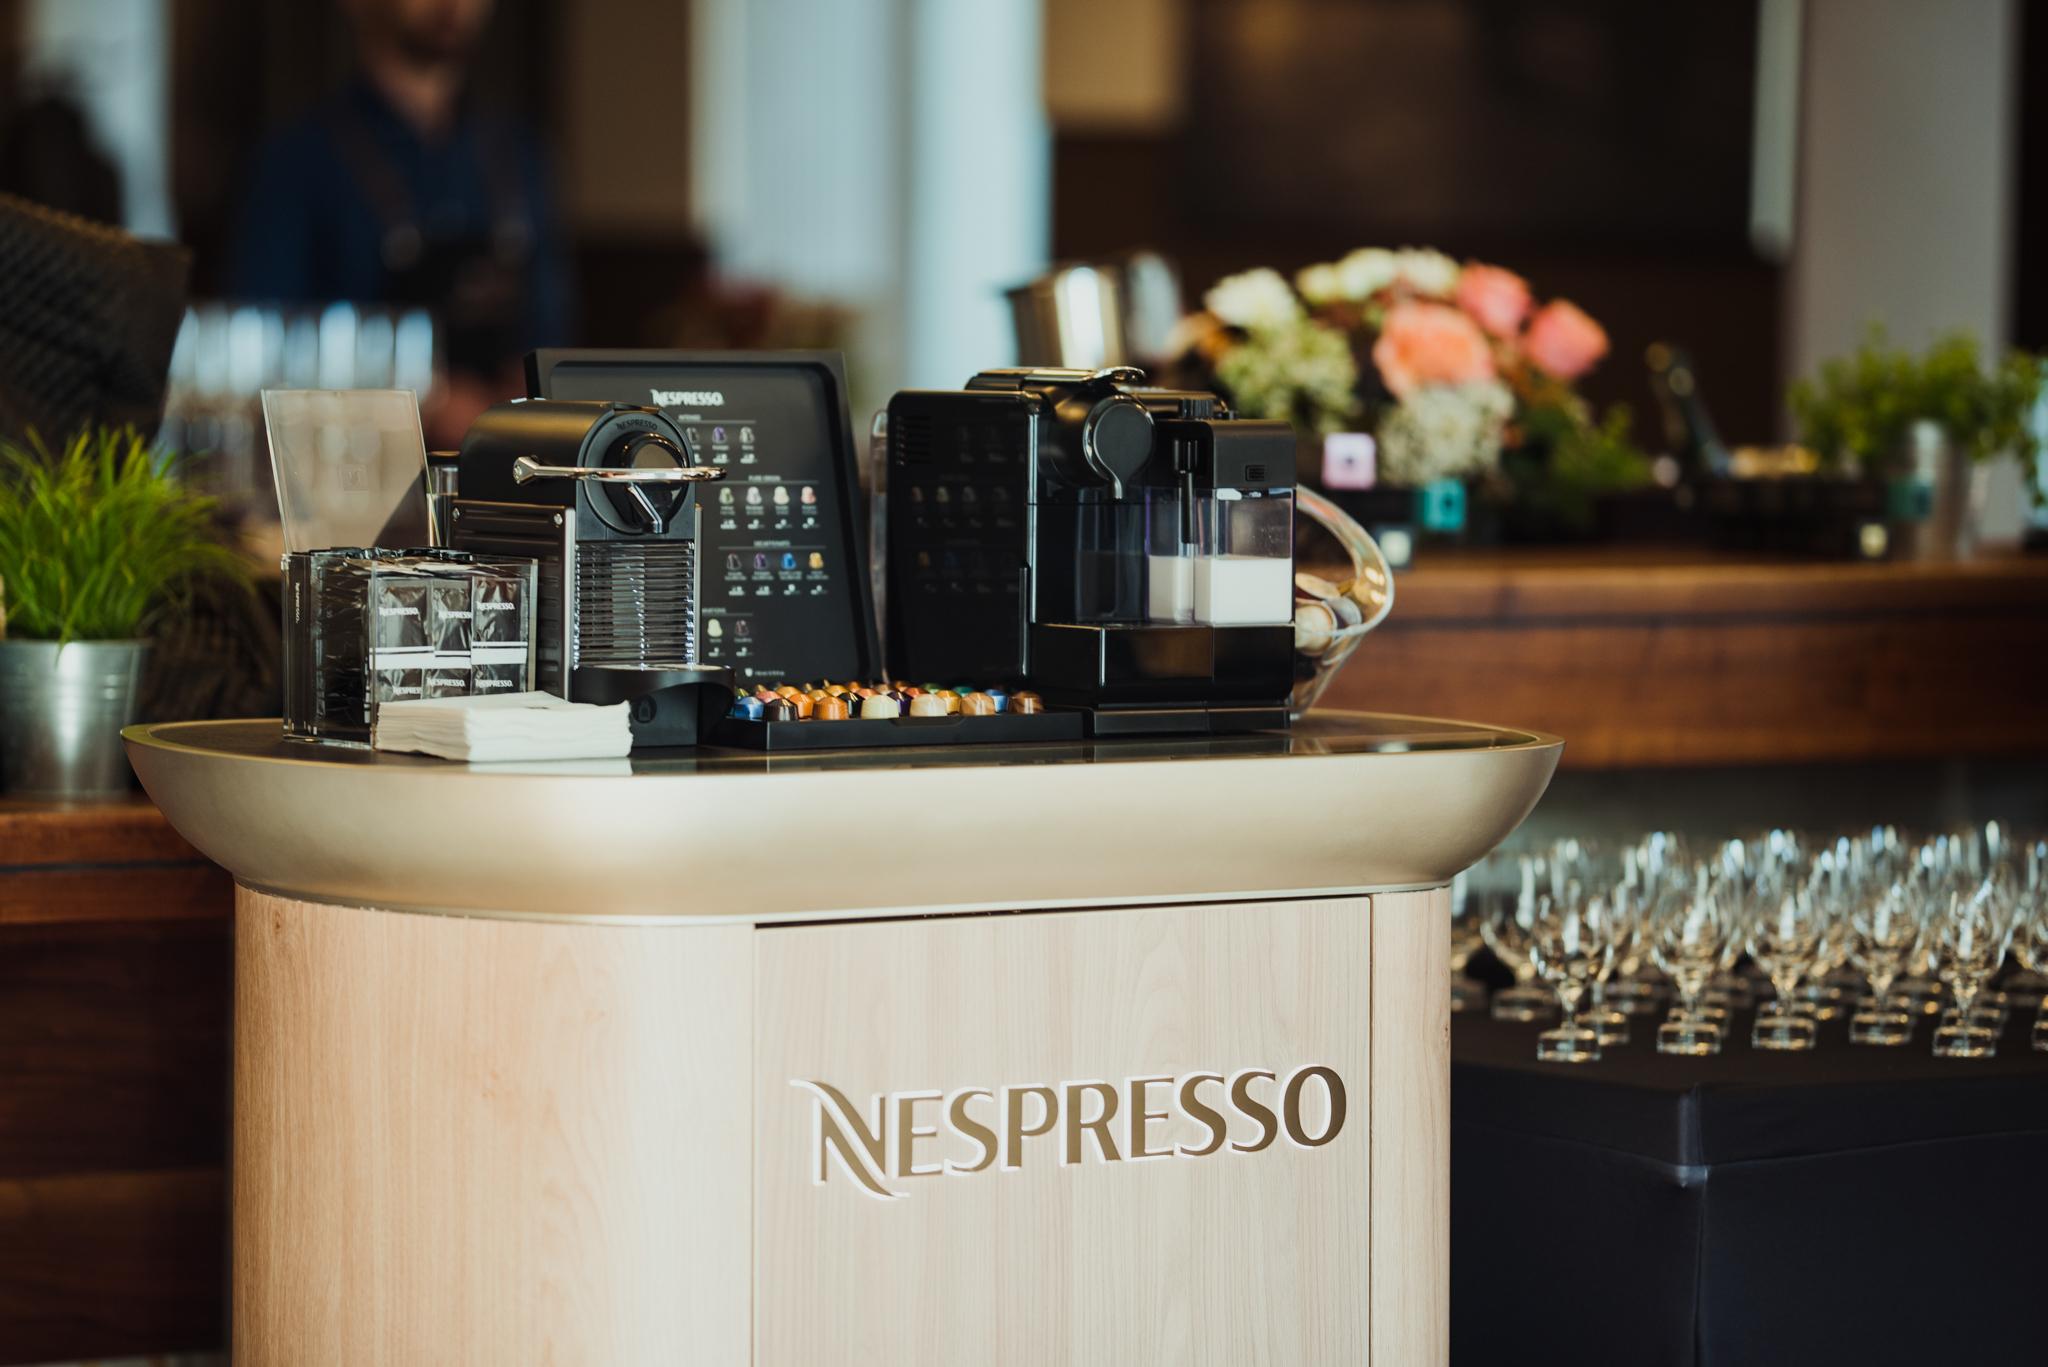 Nespresso_Baracca-Lunch-Cluj_18-10-2019_Andreea-Popa_KOMITI_9199_WEB